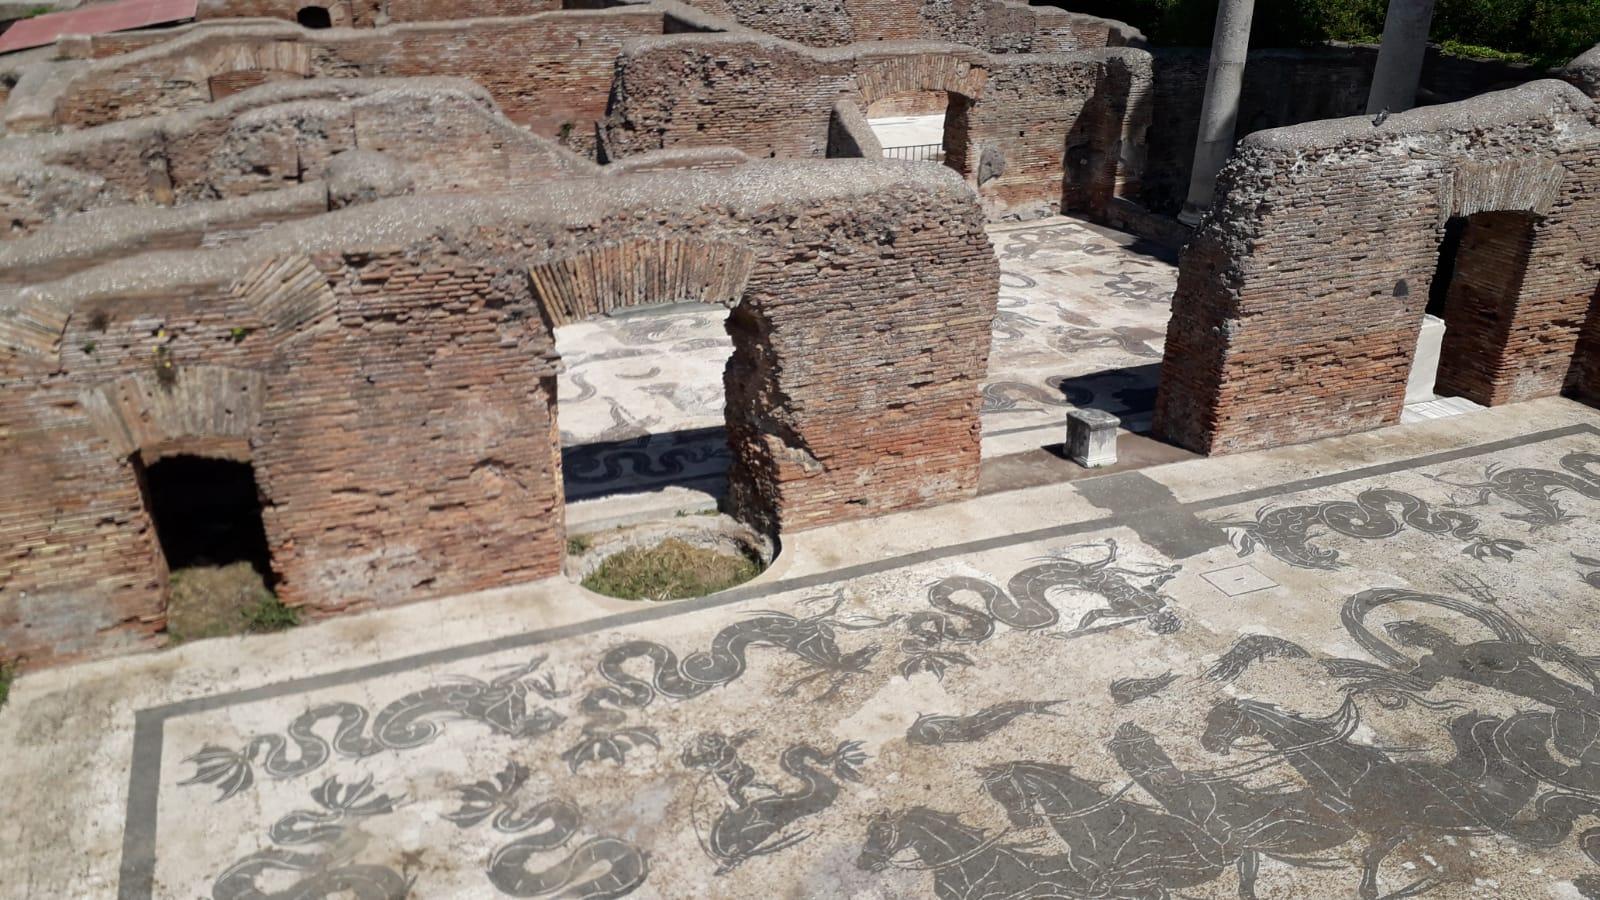 Esplora le Chiese di Cortona con le nostre visite guidate personalizzate realizzate dalle nostre guide turistiche abilitate